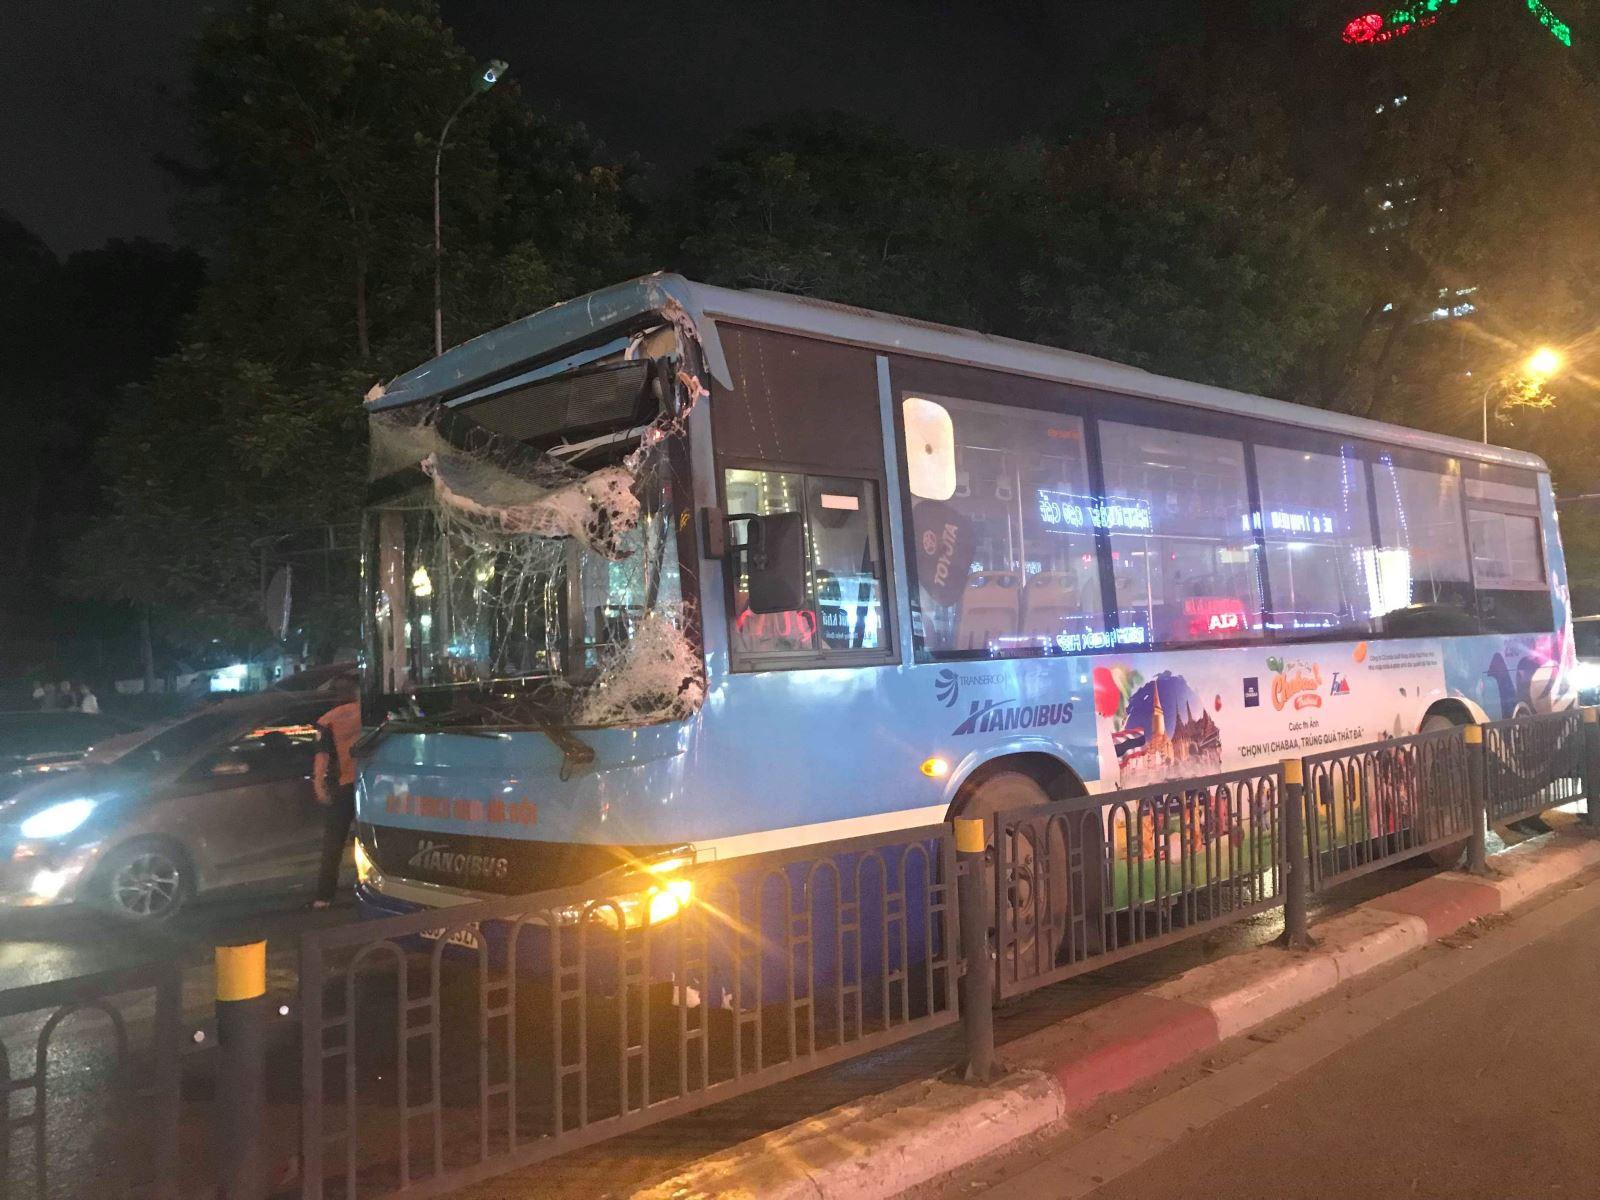 Hà Nội: Xe bus đâm sập rào chắn cầu vượt, giao thông ùn tắc nghiêm trọng - Ảnh 1.